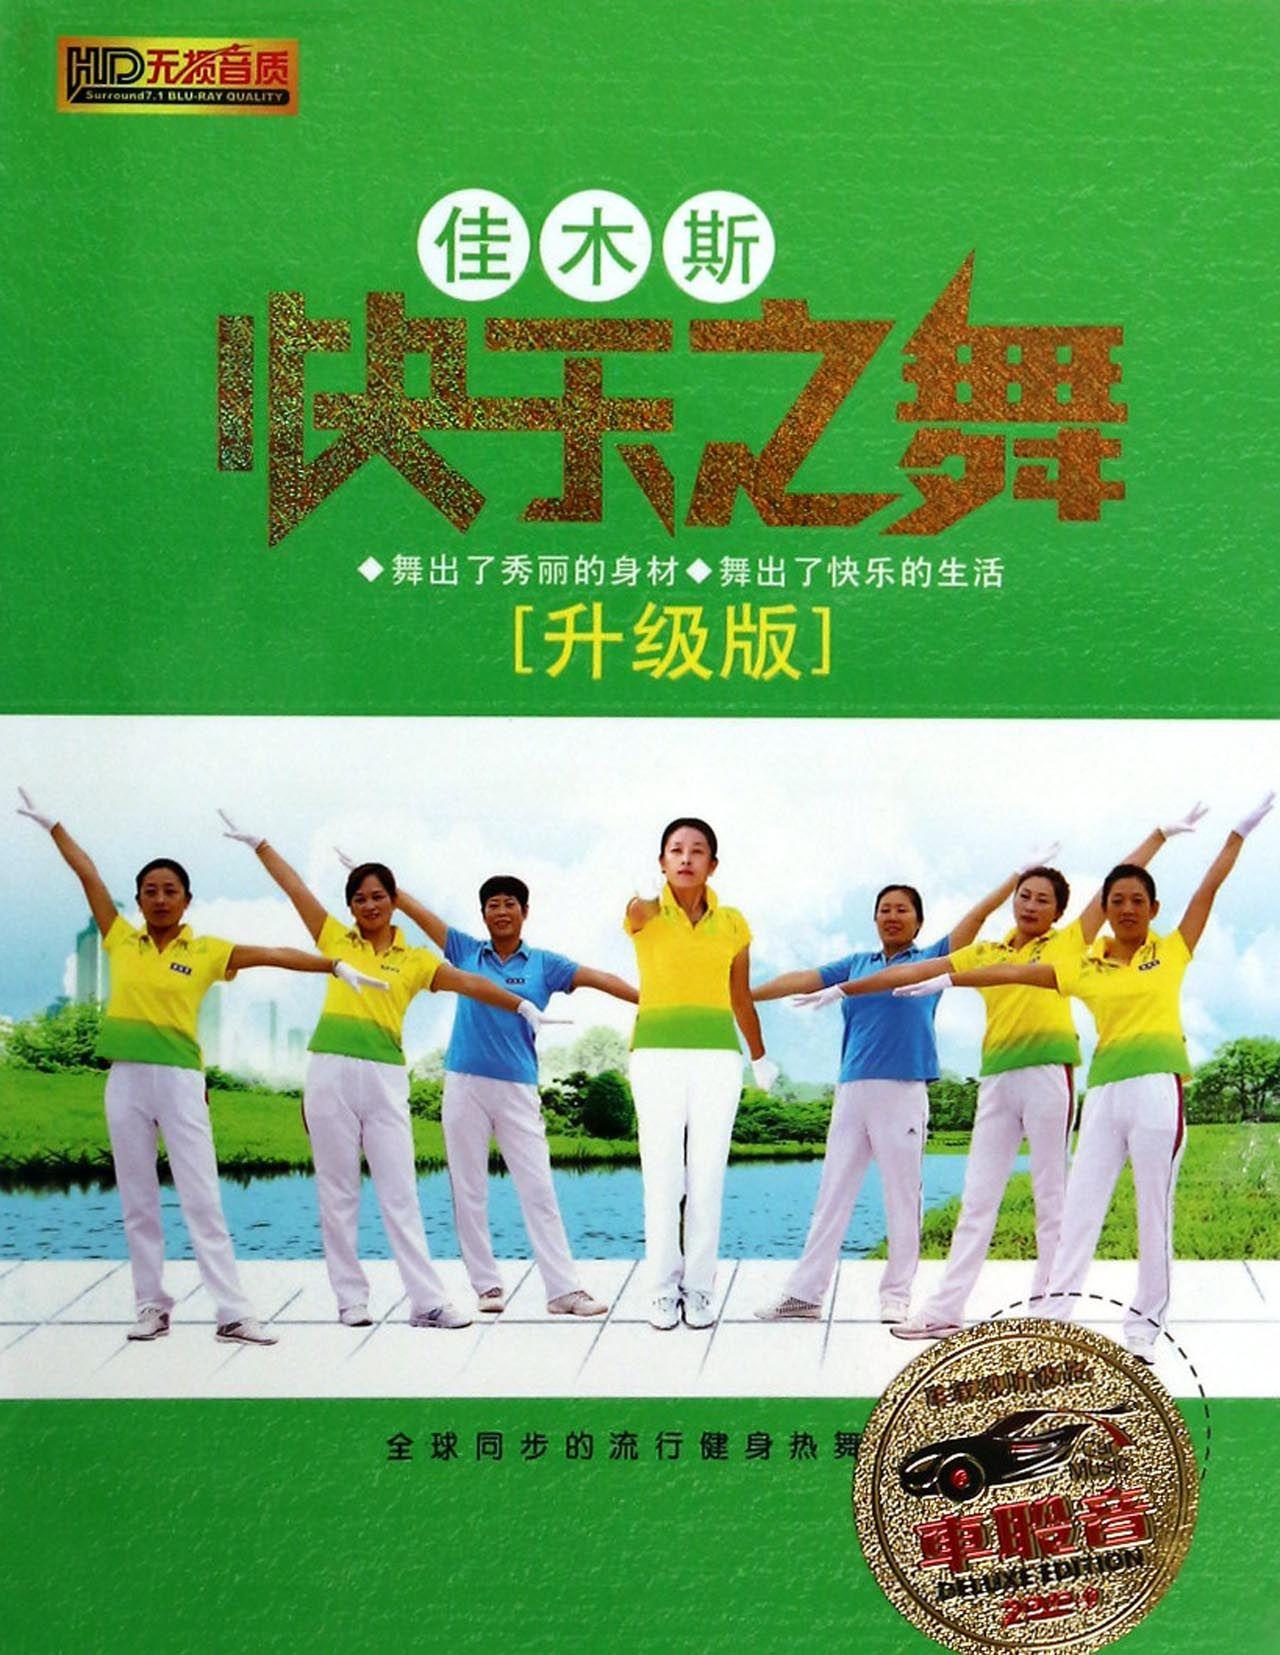 dvd-9佳木斯快乐之舞 升级版>(2碟装)